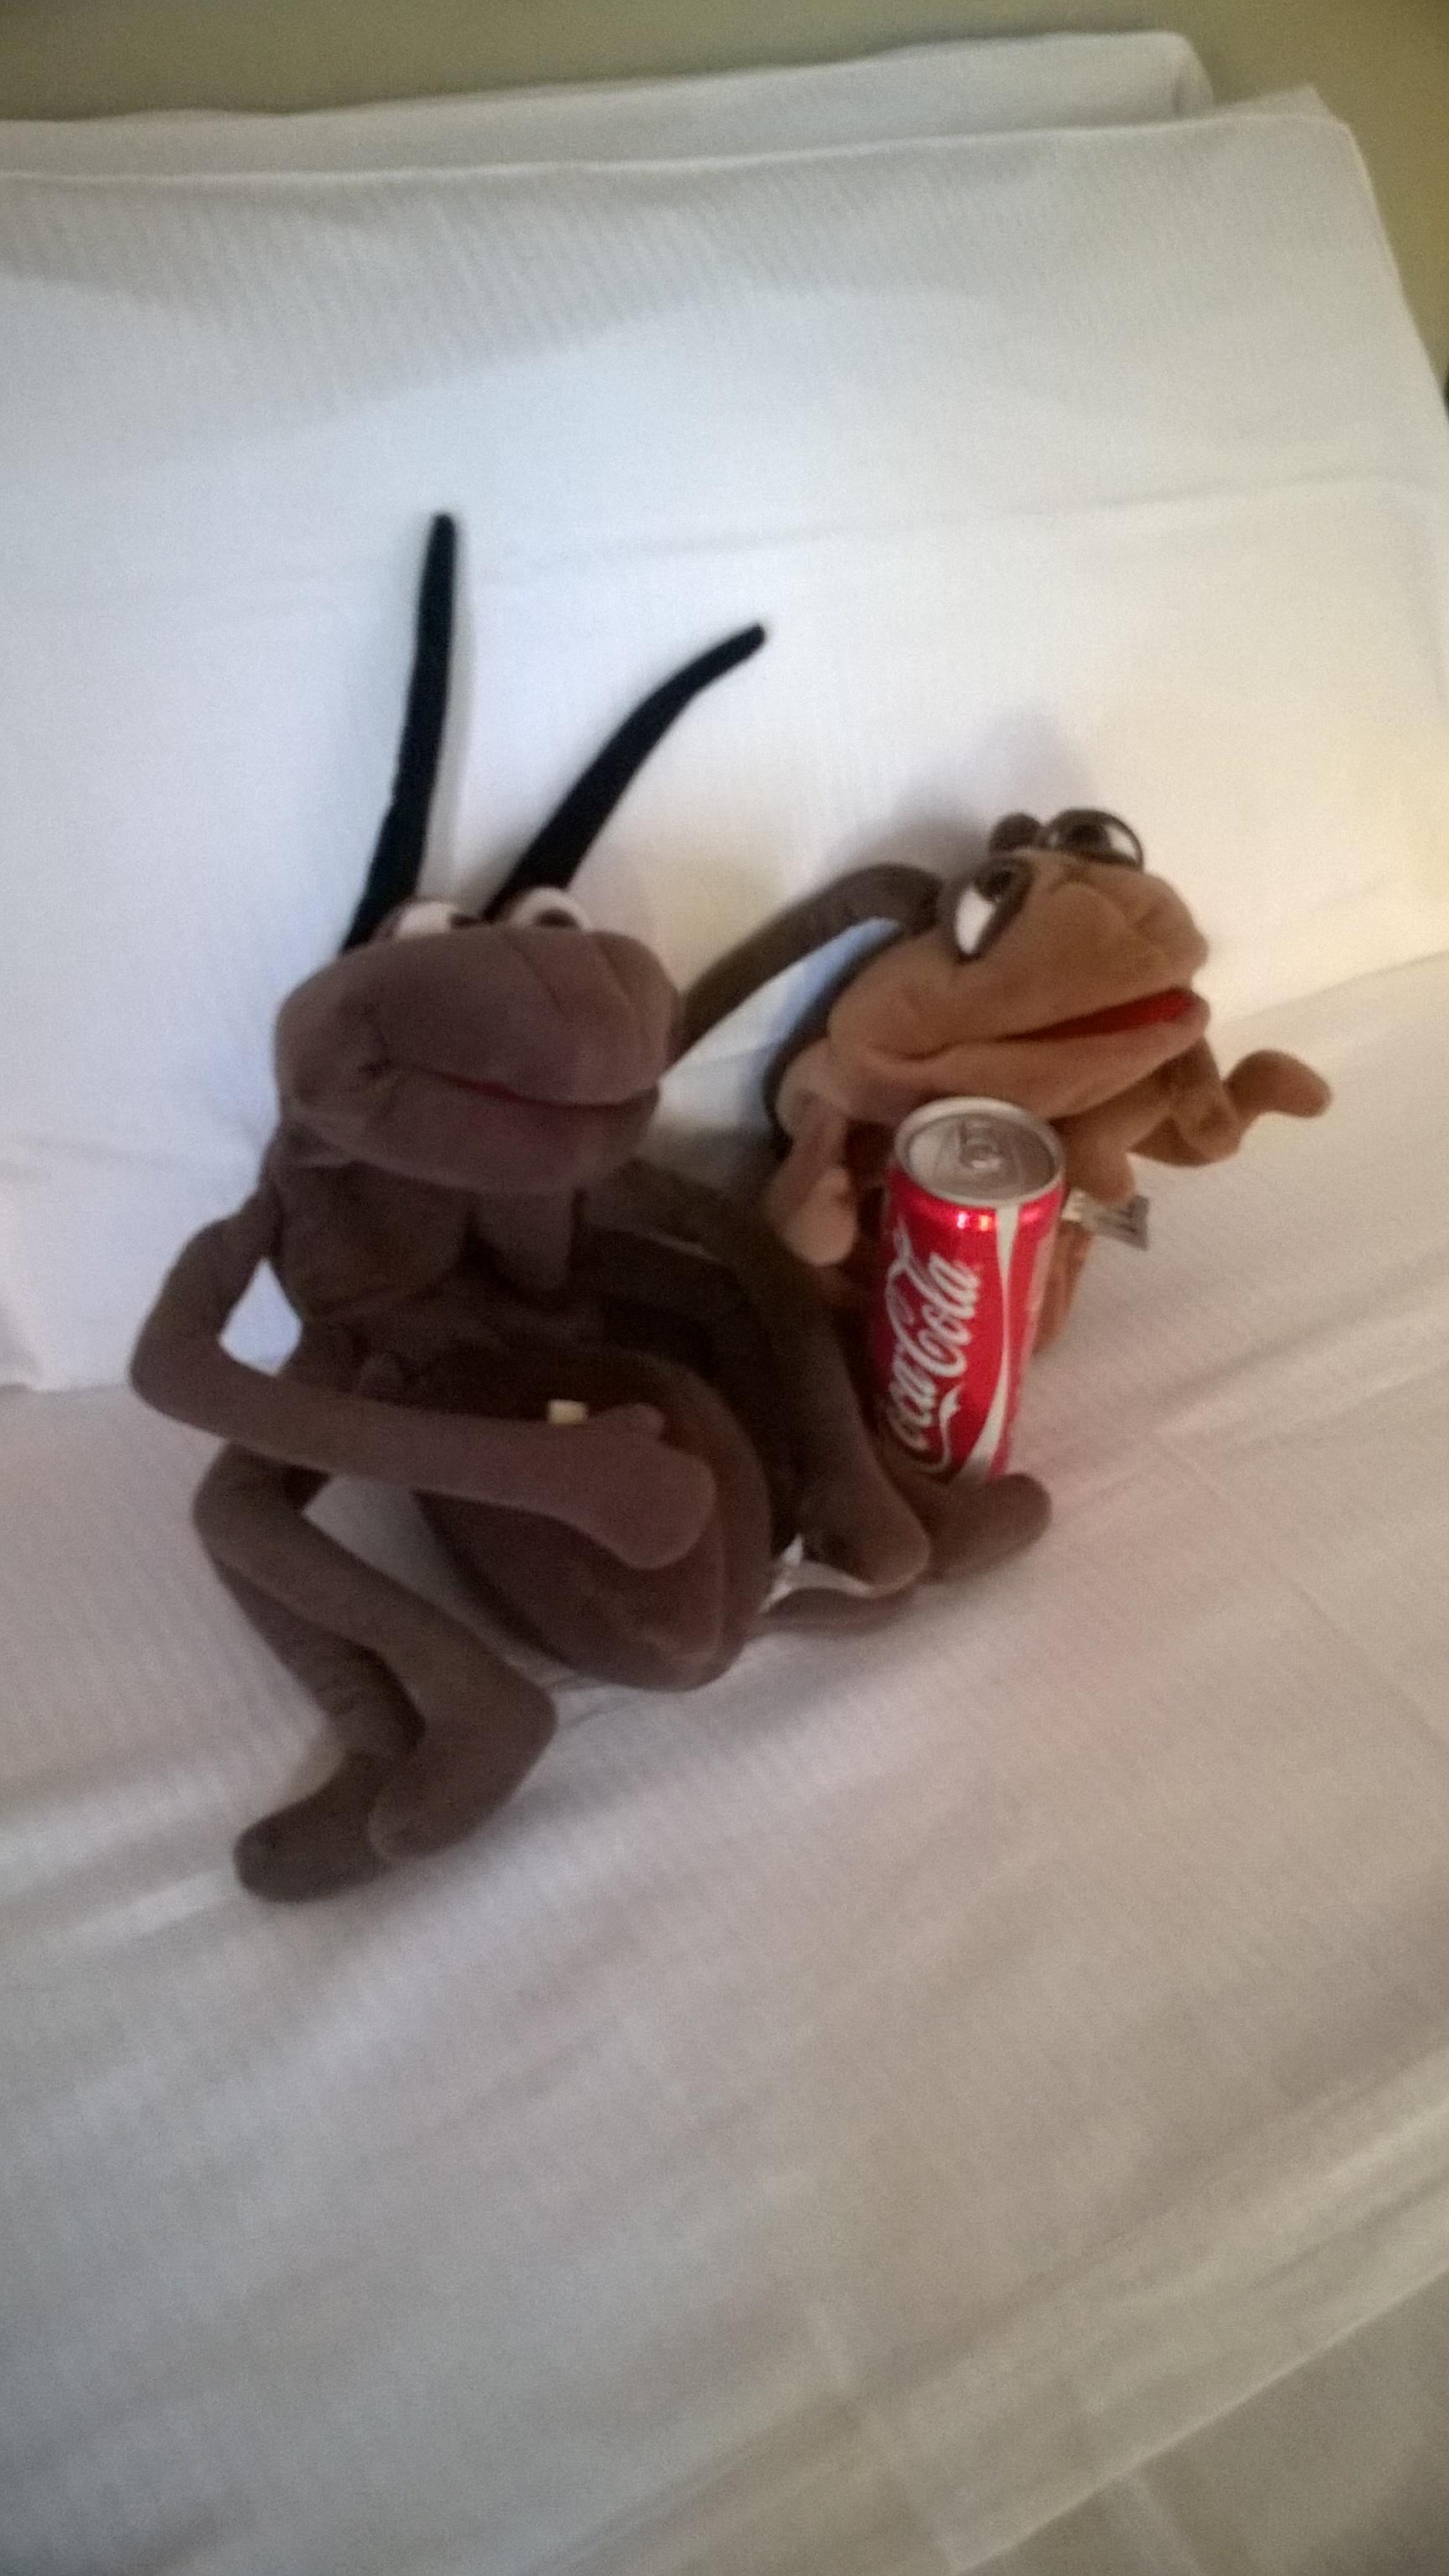 Juhuu, Cola in der Minibar - bleibt nicht lang da, wo sie mal war...